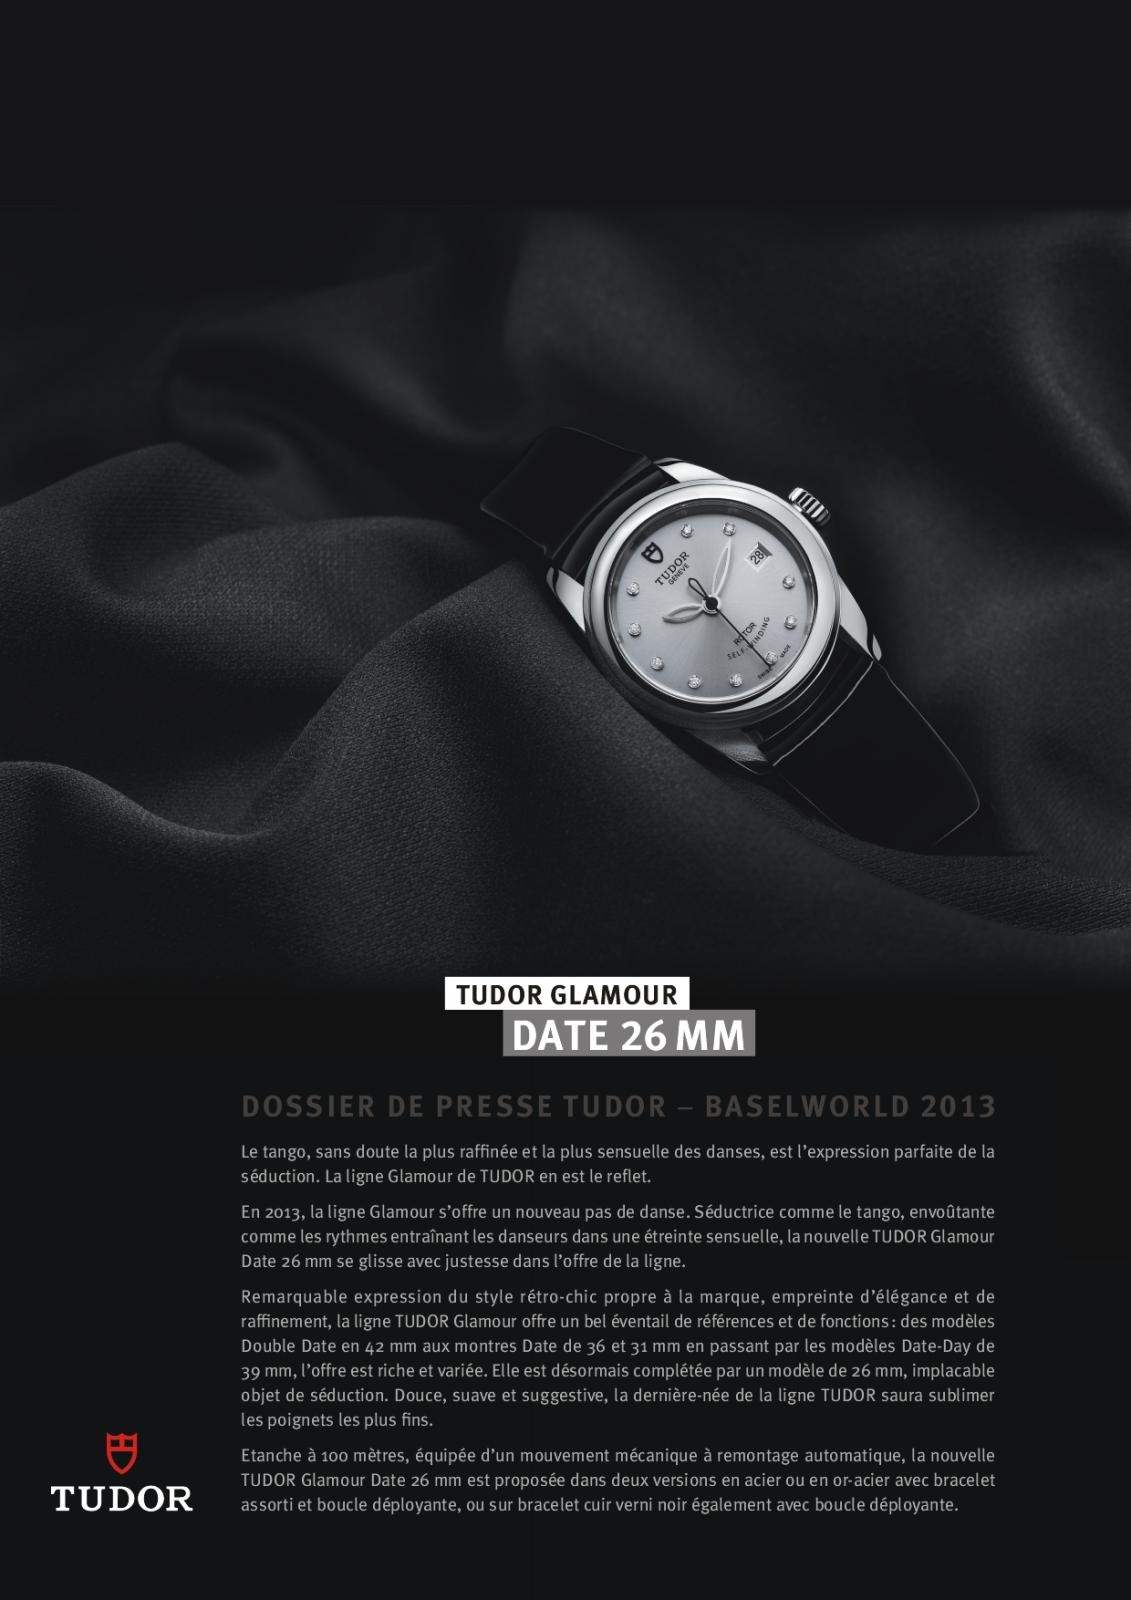 Baselworld 2013: Tudor - Glamour Date 26mm 10qkpdh